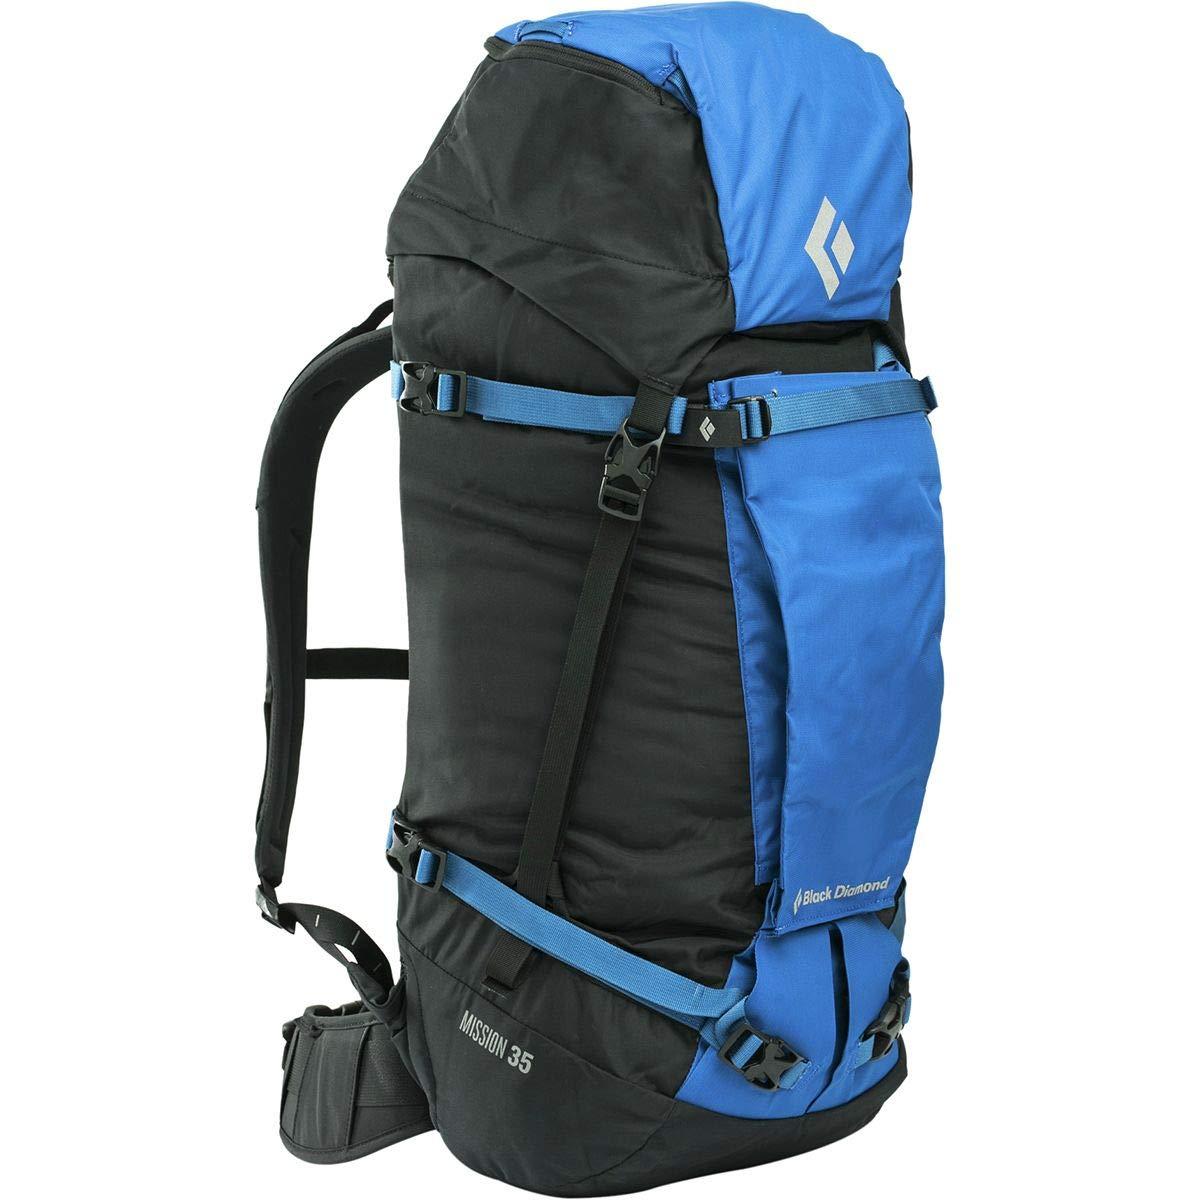 [ブラックダイヤモンド] メンズ バックパックリュックサック Mission 35L Backpack [並行輸入品] B07MT9WNQQ  Medium / Large